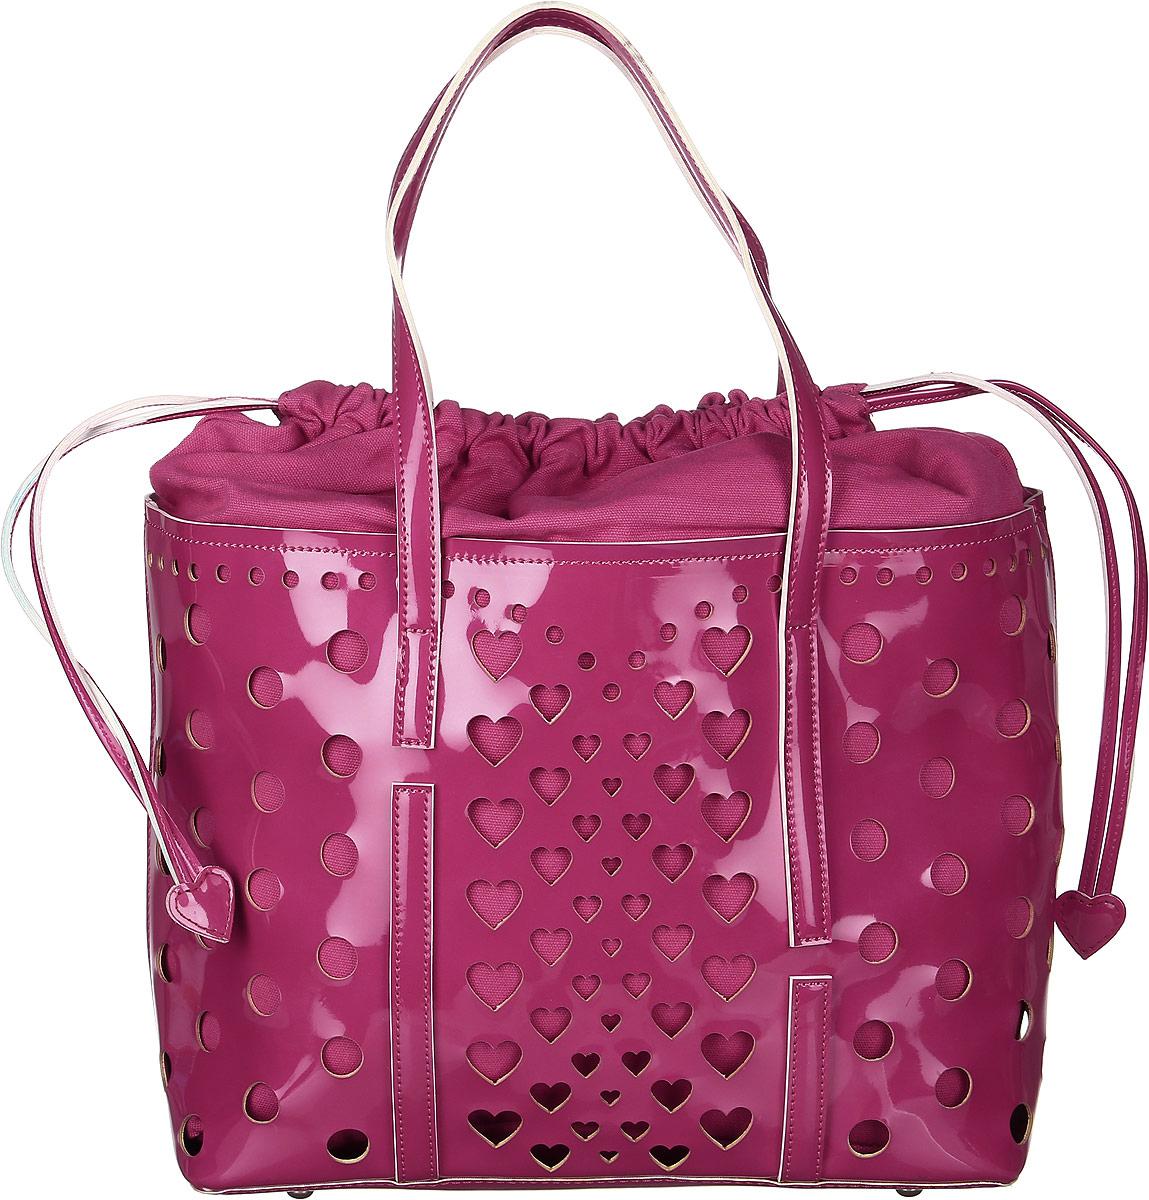 Сумка женская Vittorio Richi, цвет: малиново-пурпурный. 913140RivaCase 8460 blackСумка из экокожи с перфорацией. Внутри текстильный мешок на затяжках. Высота ручек 21см.